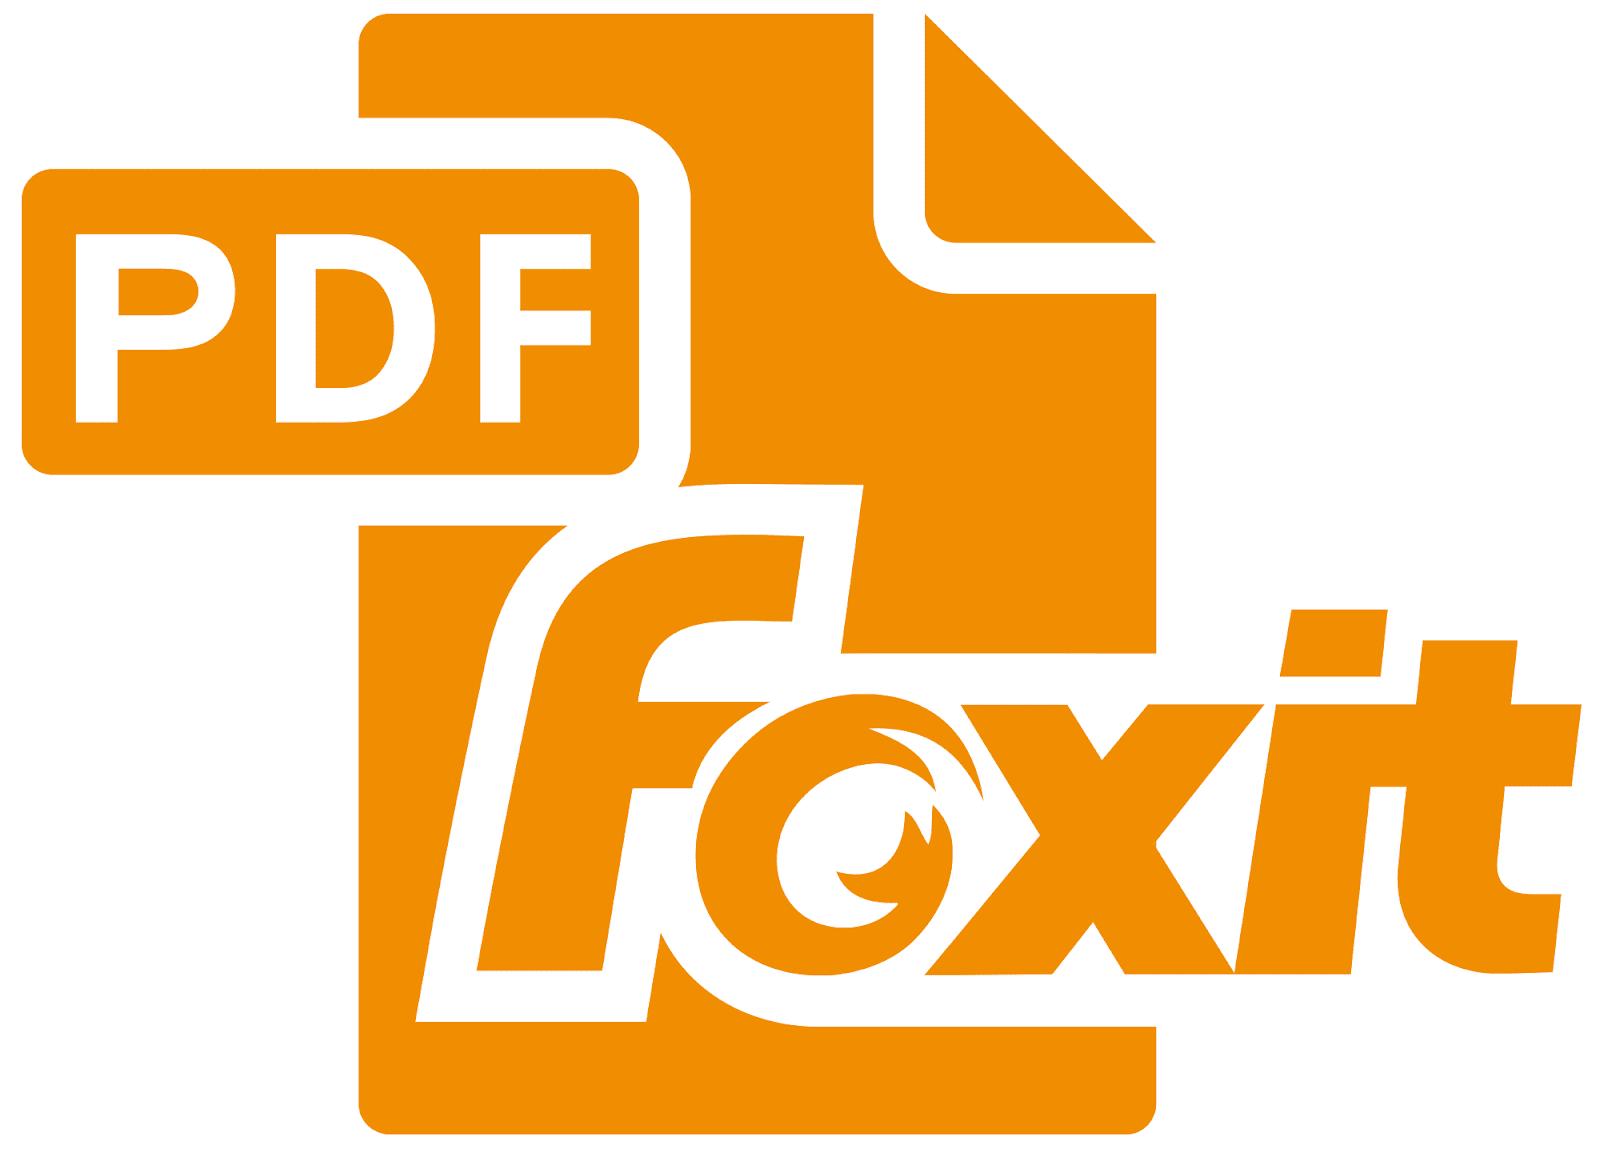 Foxit Reader Full Crack: hướng dẫn cài đặt đơn giản chỉ sau vài Click chuột